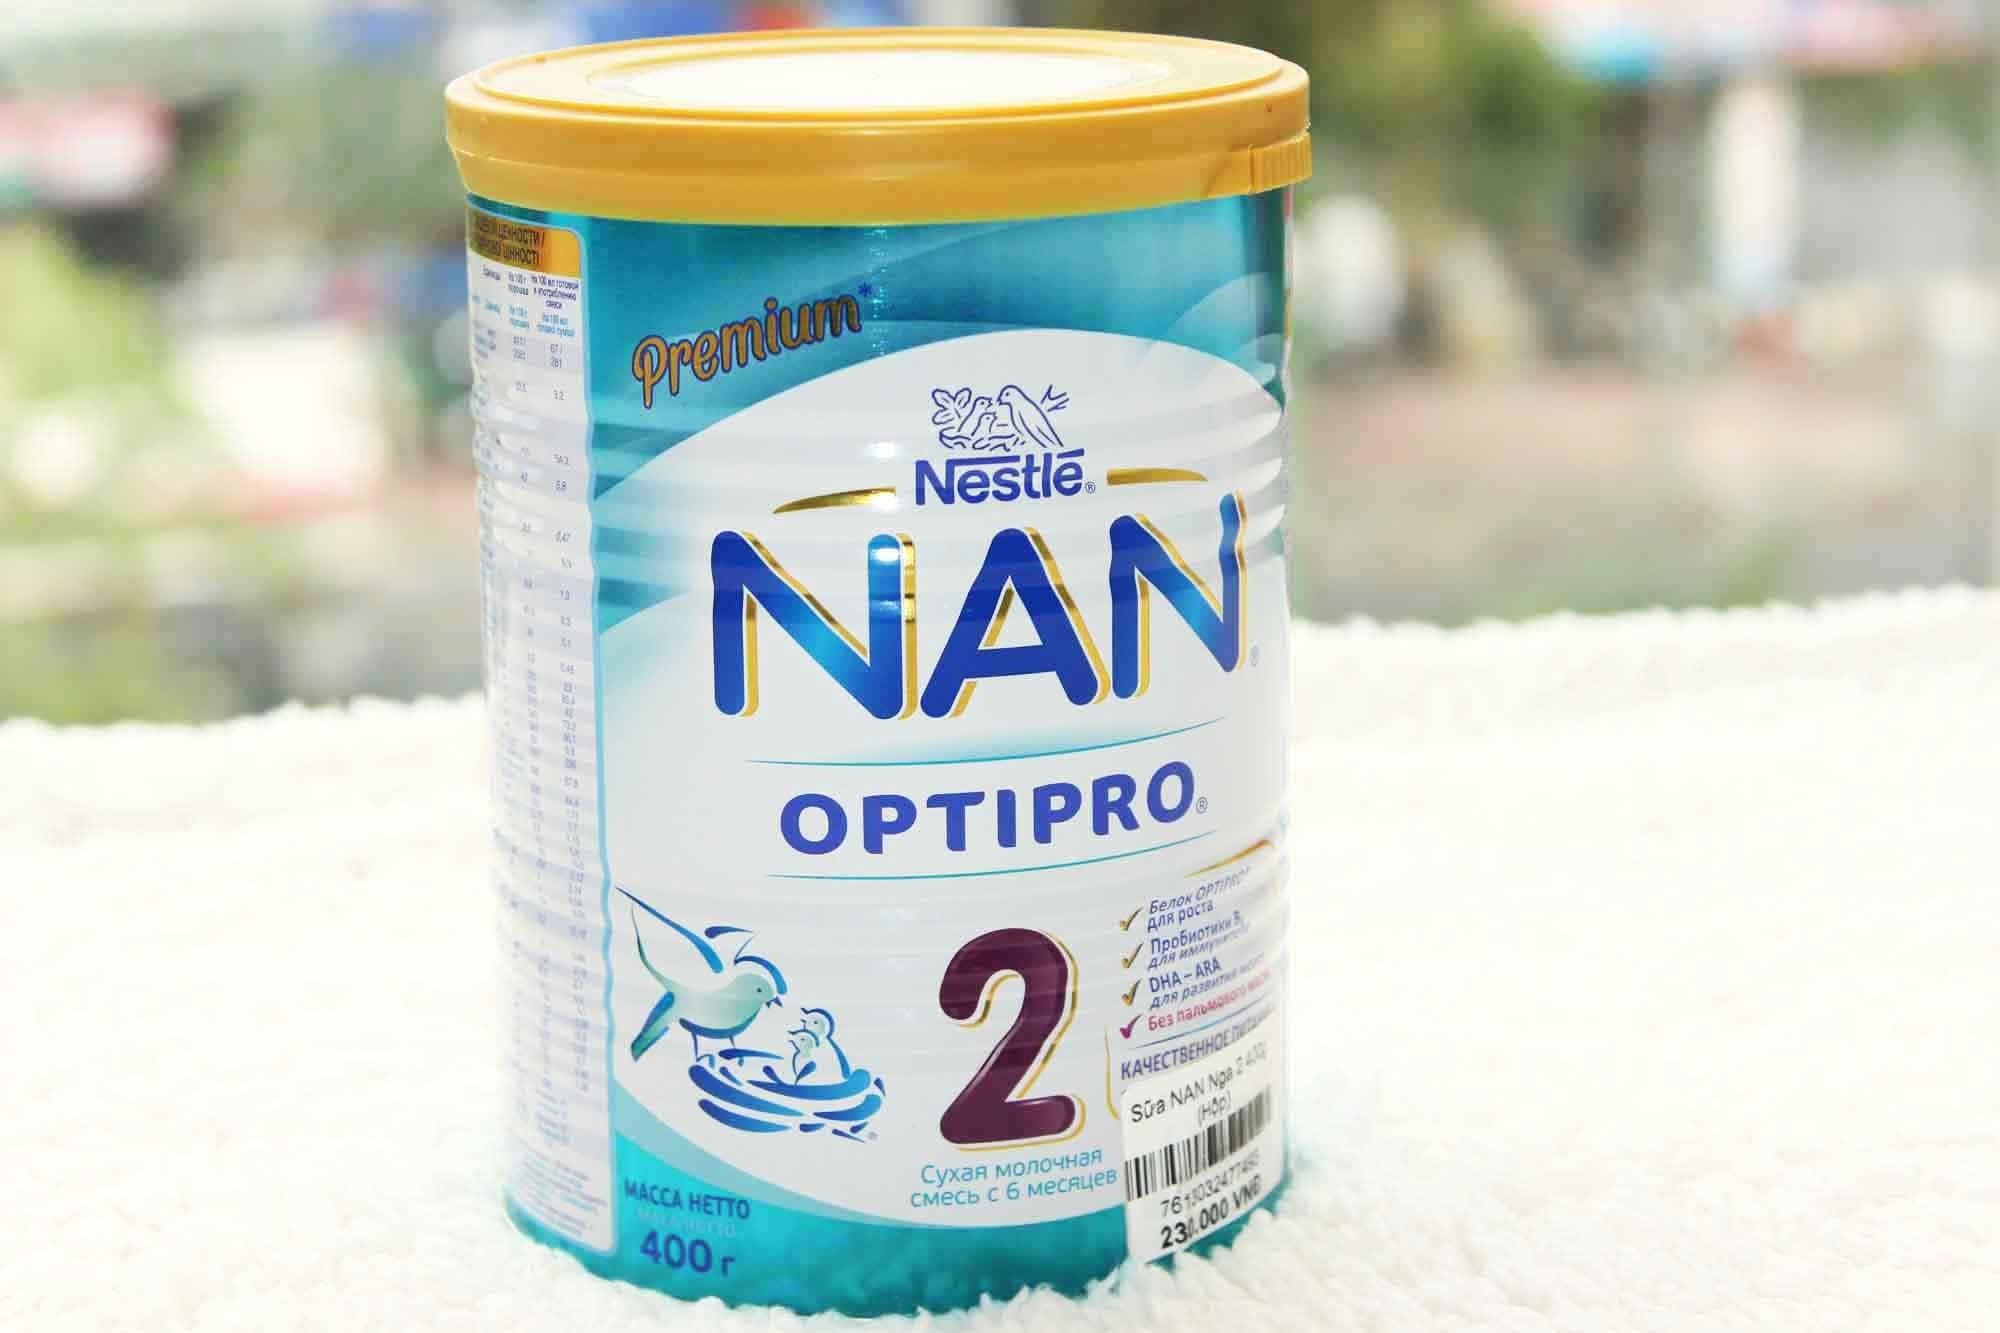 Thành phần chính có trong sản phẩm sữa bột Nan Nga an toàn và tốt cho trẻ sơ sinh